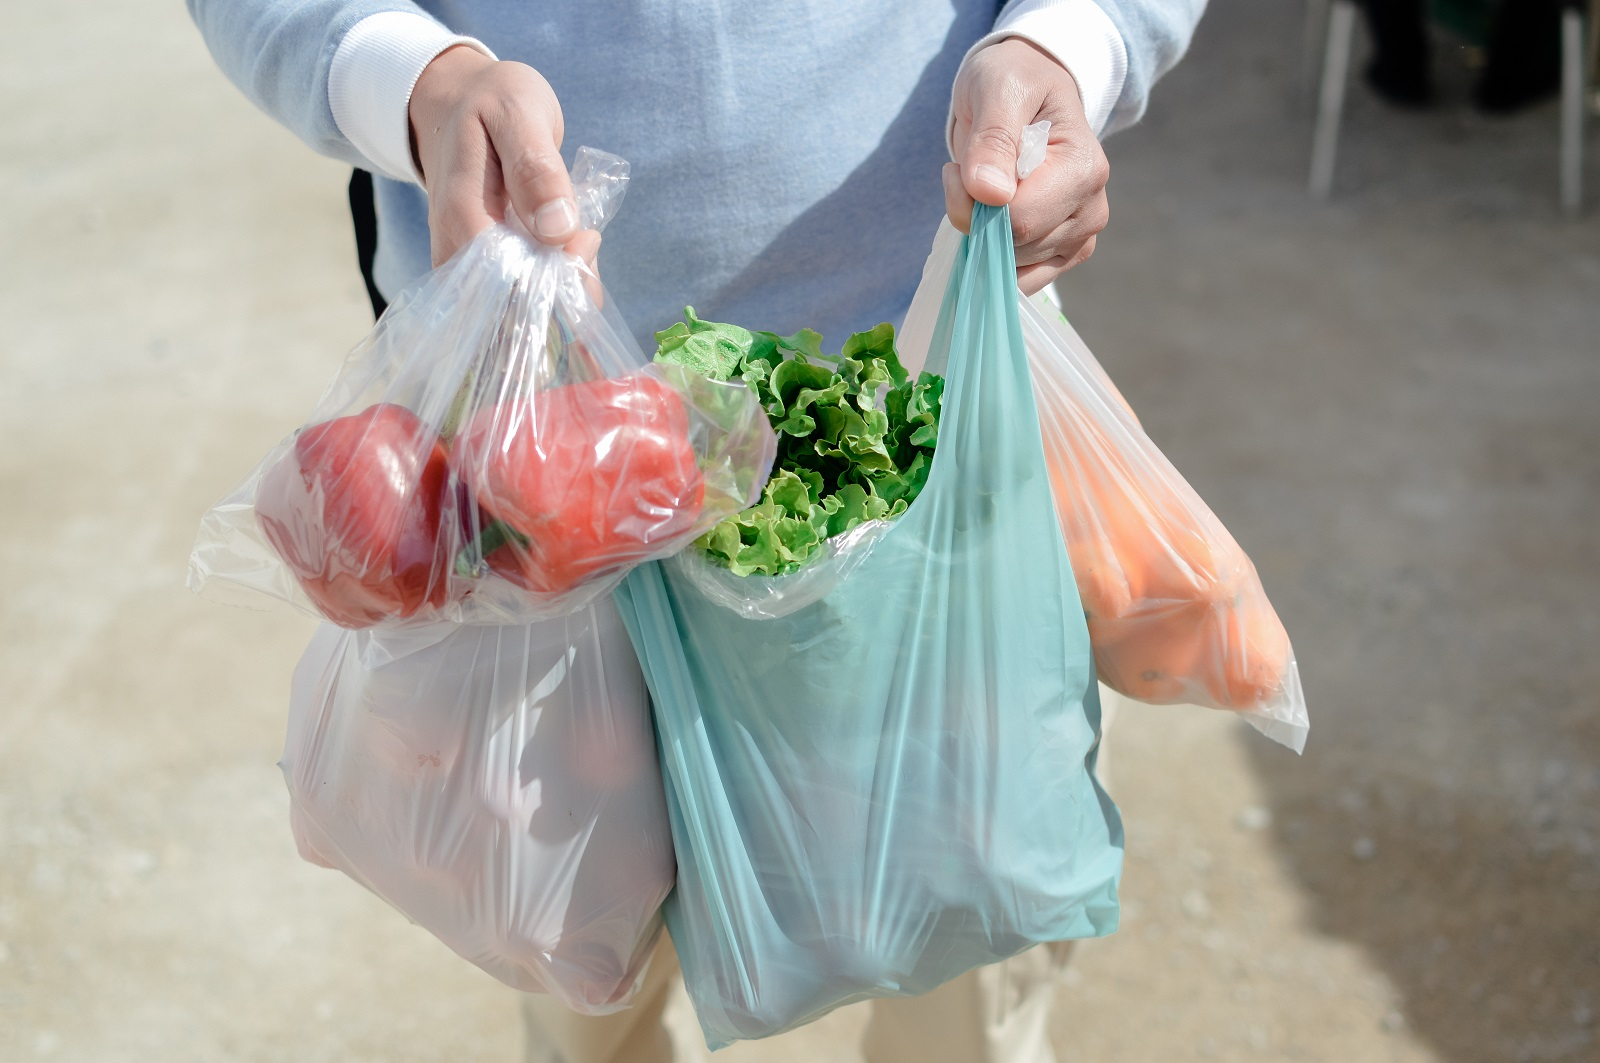 不只台灣限塑!明年起,泰國不提供塑膠袋、日本塑膠袋開始收費